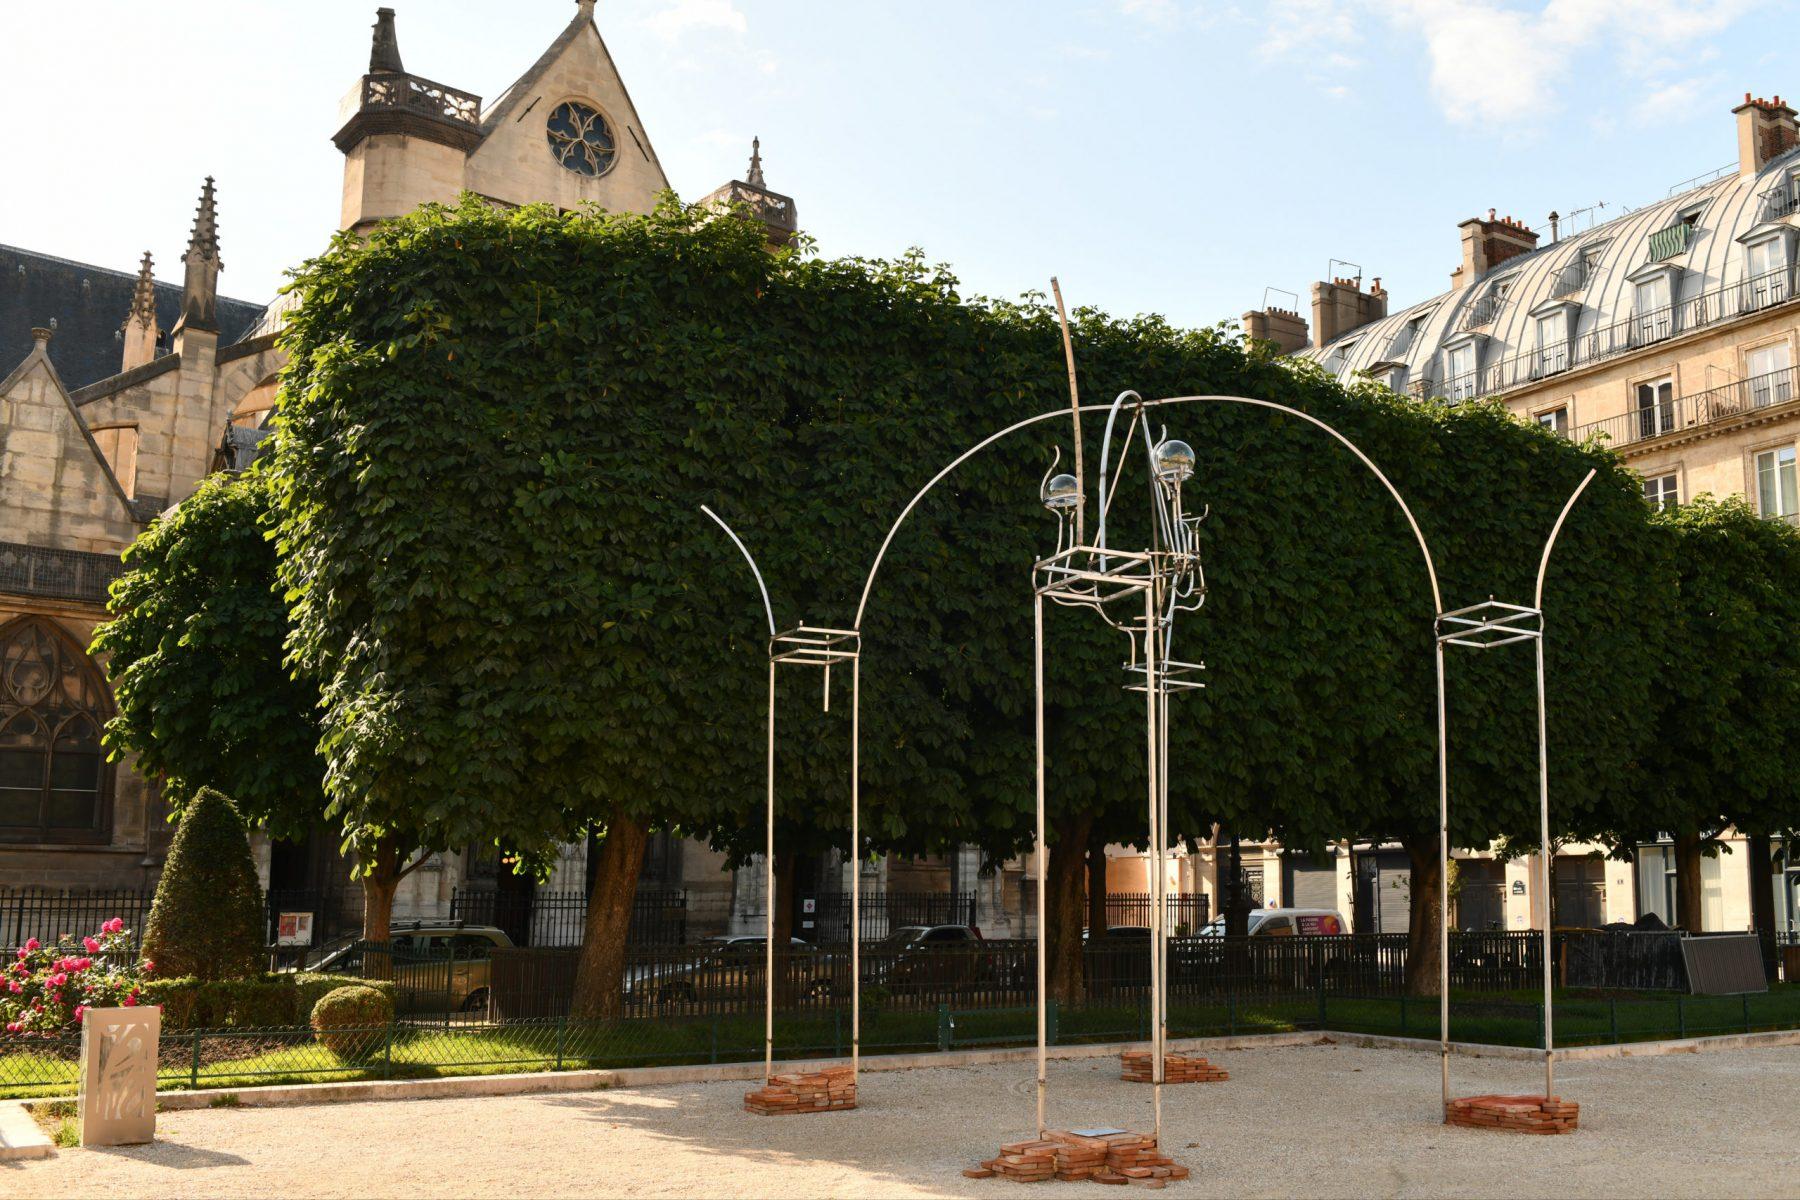 Juan-Garaizabal-Place-du-Louvre-Salon-des-Tuileries-BD-scaled